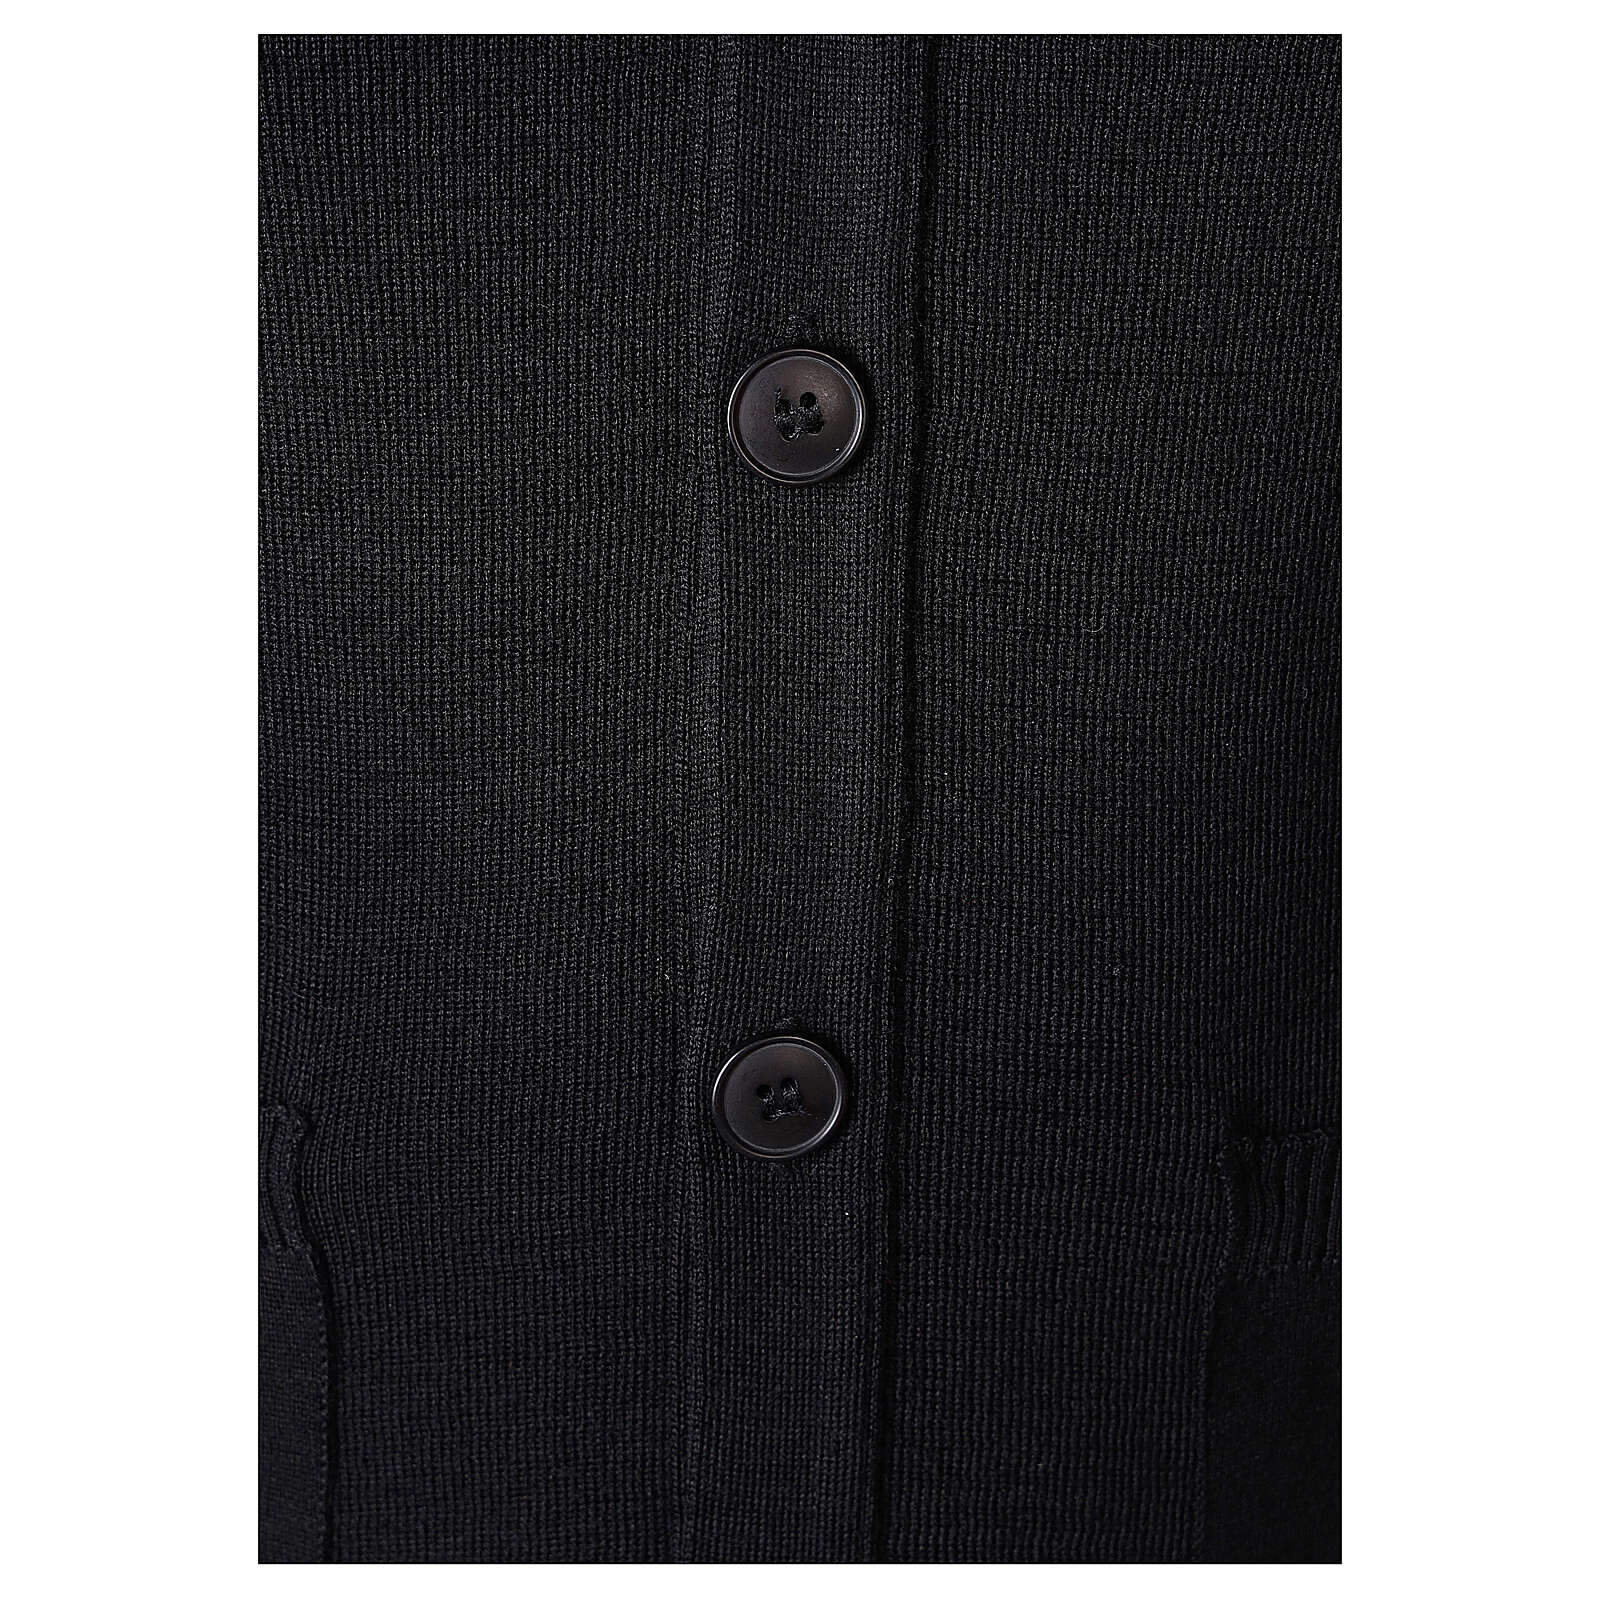 Giacca sacerdote nera tasche bottoni TAGLIE CONF. 50% merino 50% acr. In Primis 4